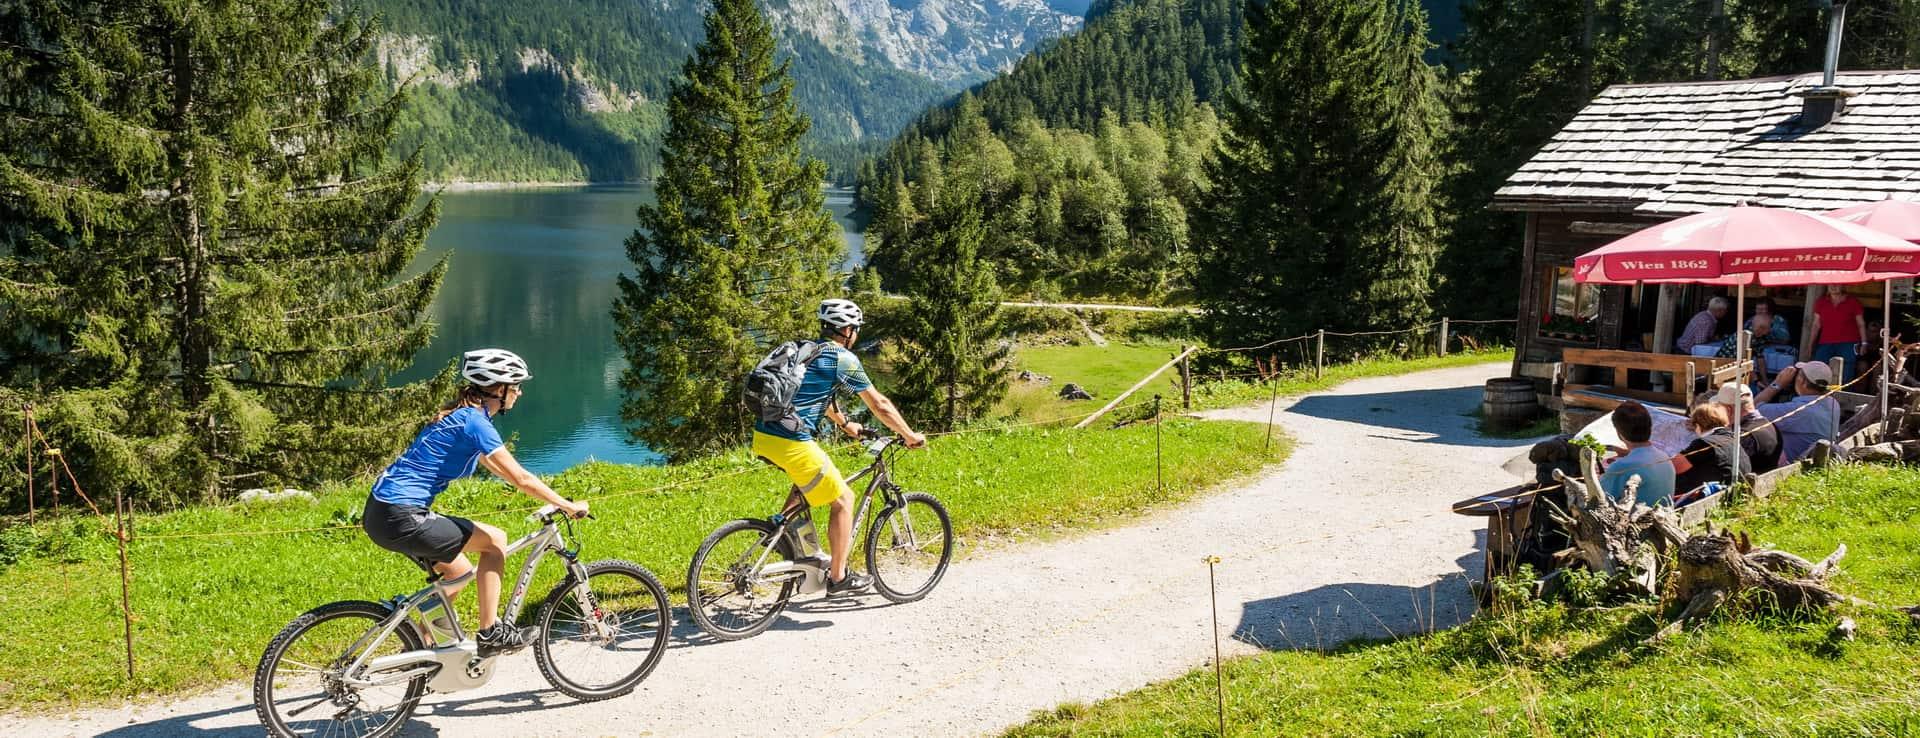 Mountainbiken i Gosau vid Dachstein